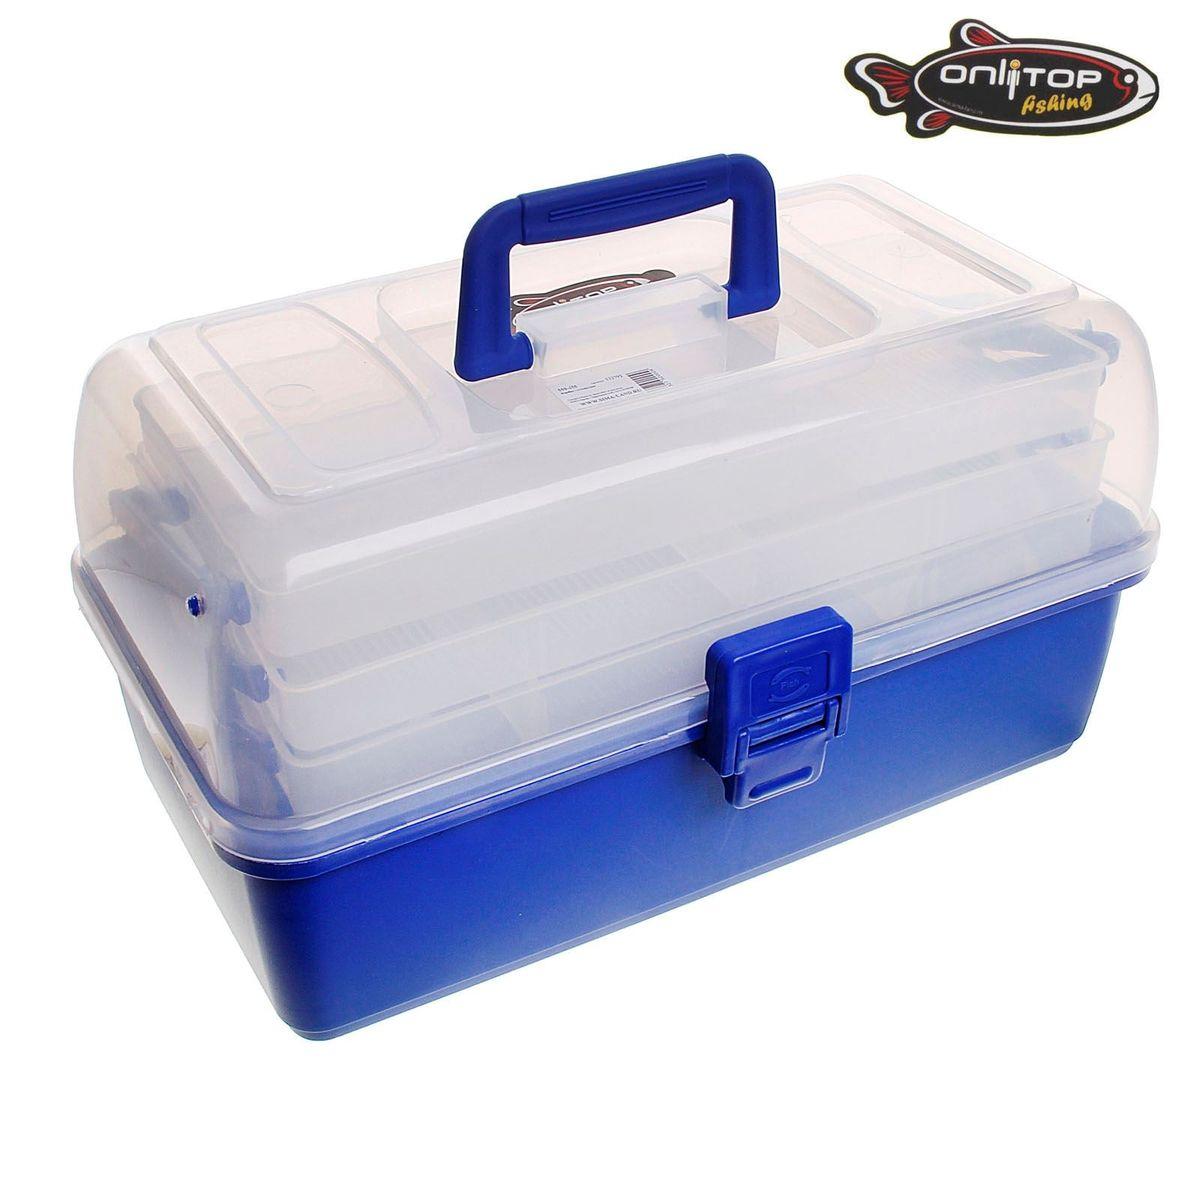 """Коробка для крючков """"Onlitop"""" поможет сделать процесс подготовки к самой рыбной ловле максимально удобным. Коробка выполнена из пластика.  Она идеально подойдет в любое время года, для любого типа рыбалки и поможет вовремя отыскать среди всех снастей именно те, которые необходимы на данный момент.  Имеет 10 отделений на 3х ярусах."""